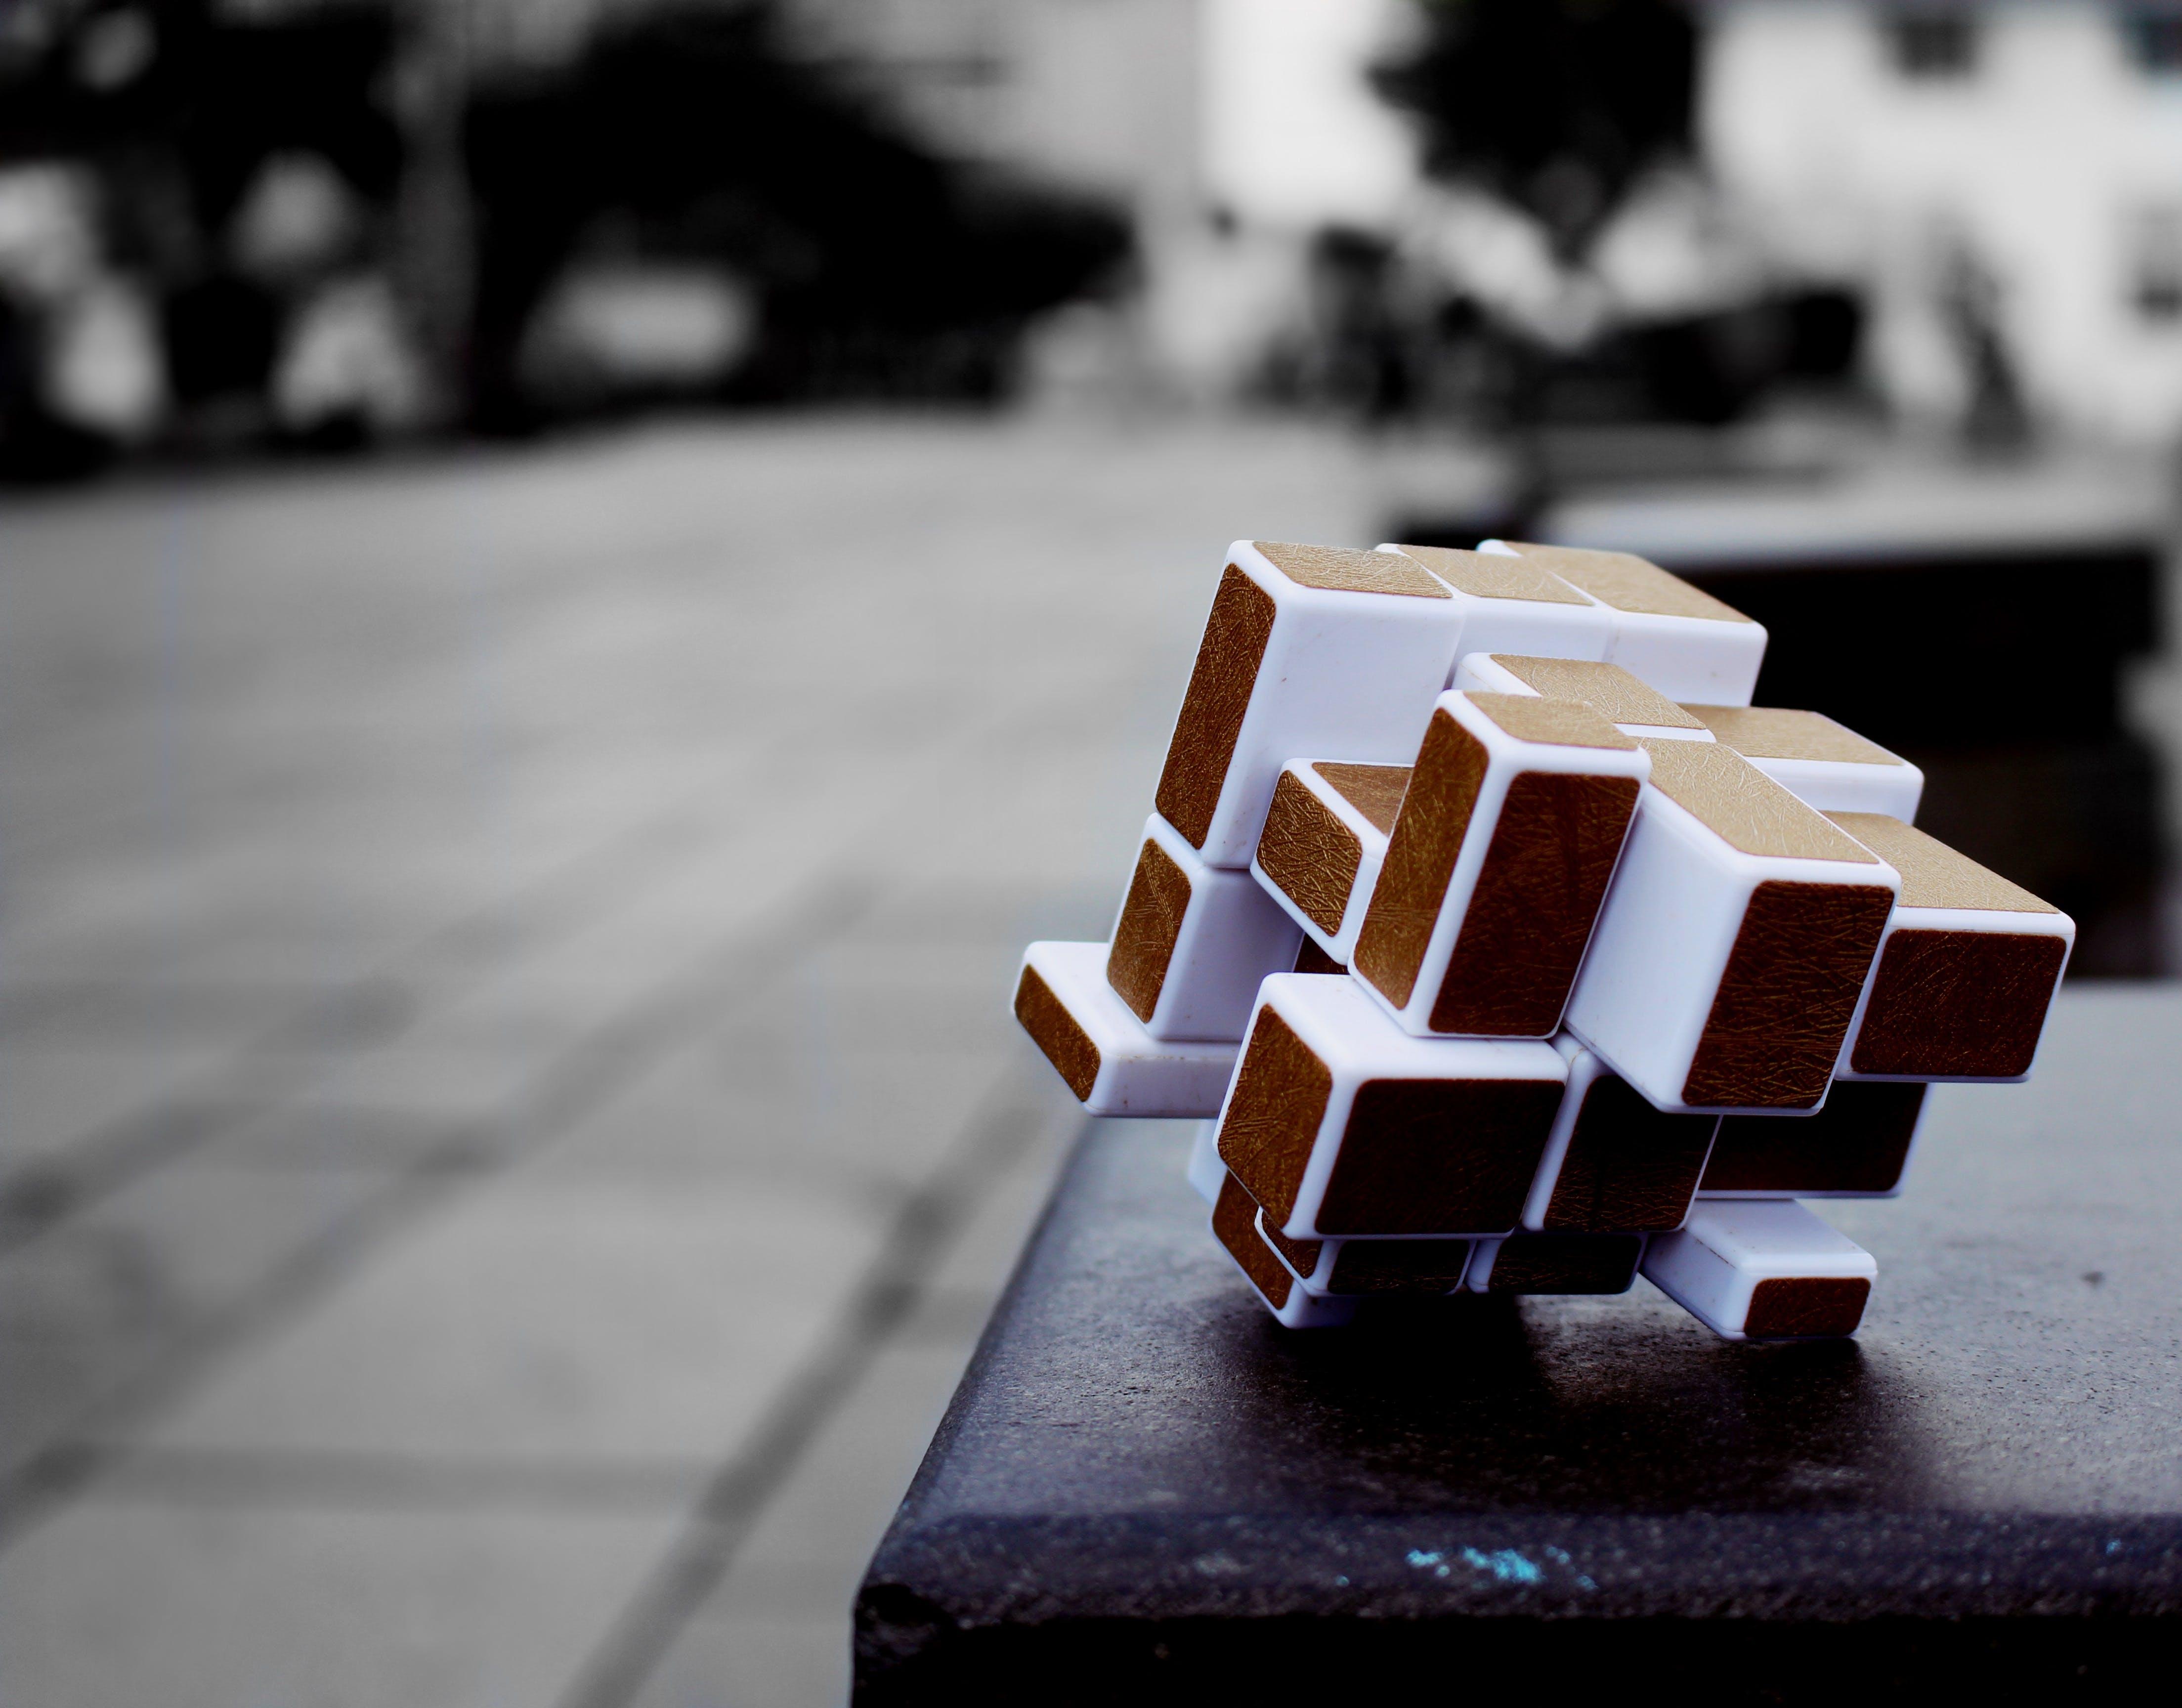 Gratis lagerfoto af kube, legetøj, Rubiks terning, selektiv farve